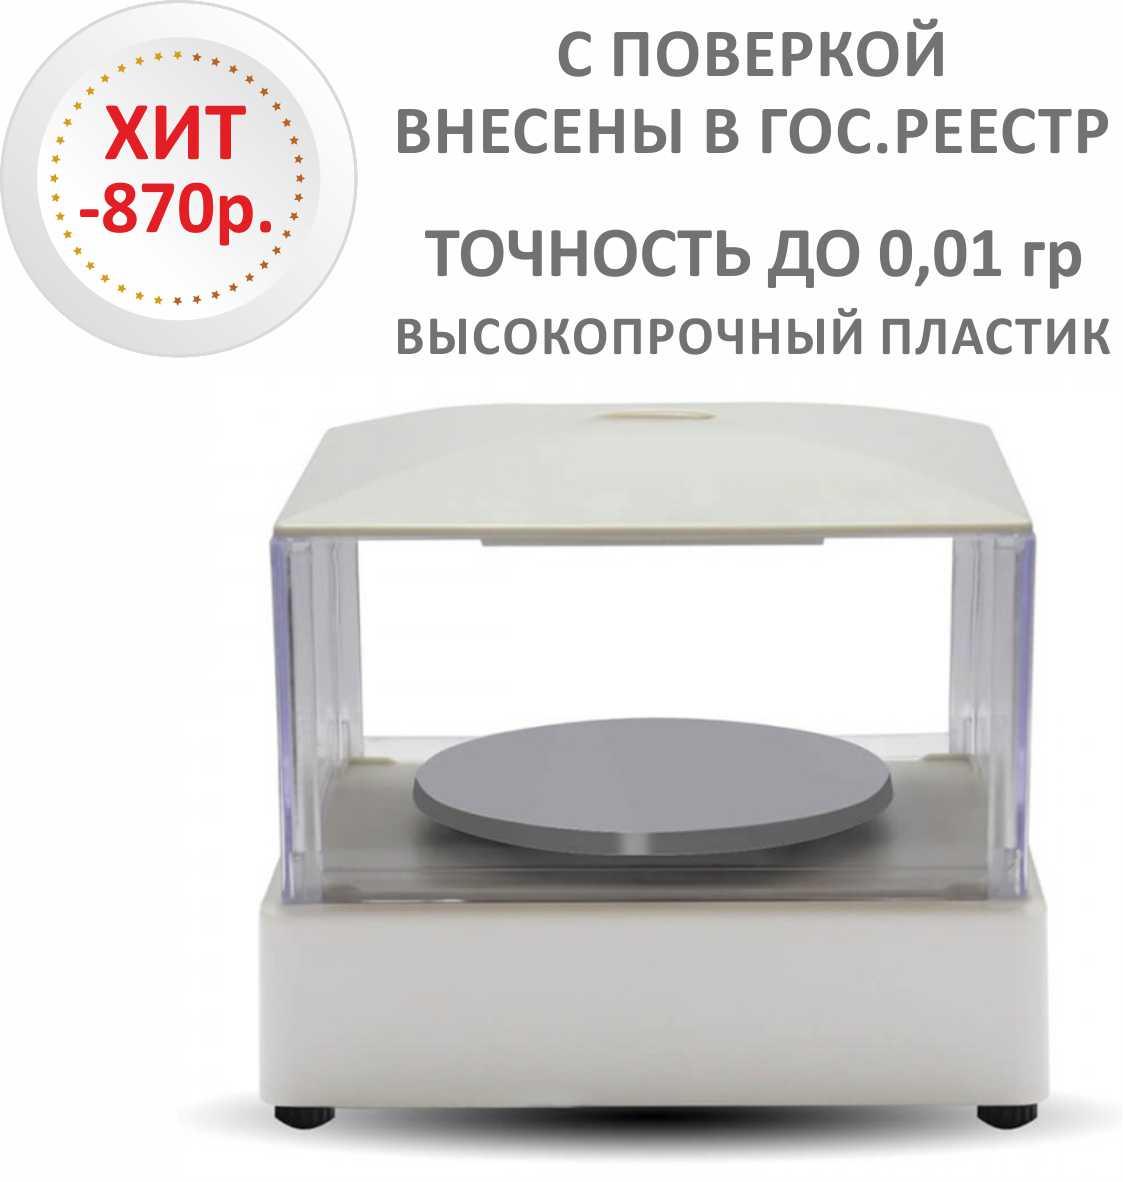 Весы лабораторные/аналитические M-ER 122 АCFJR-300.01 ACCURATE LCD - вид сзади